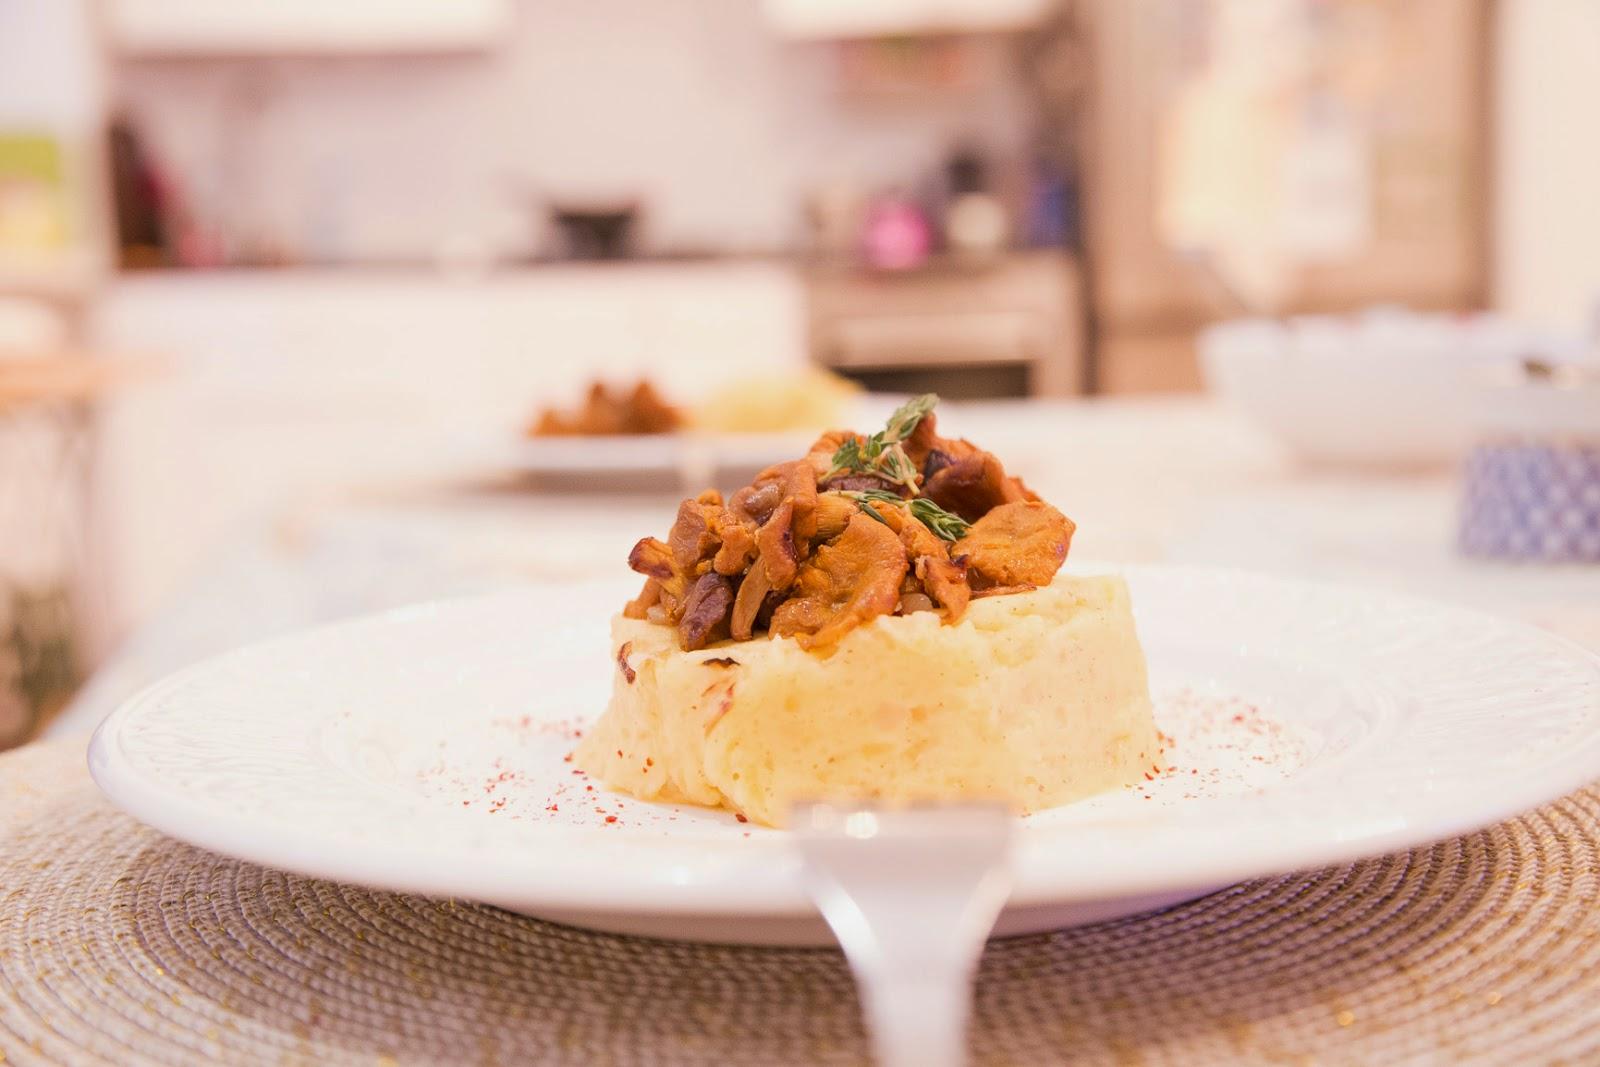 картофель с горчицей с сыром по-английски по-ирландски по-шатландски